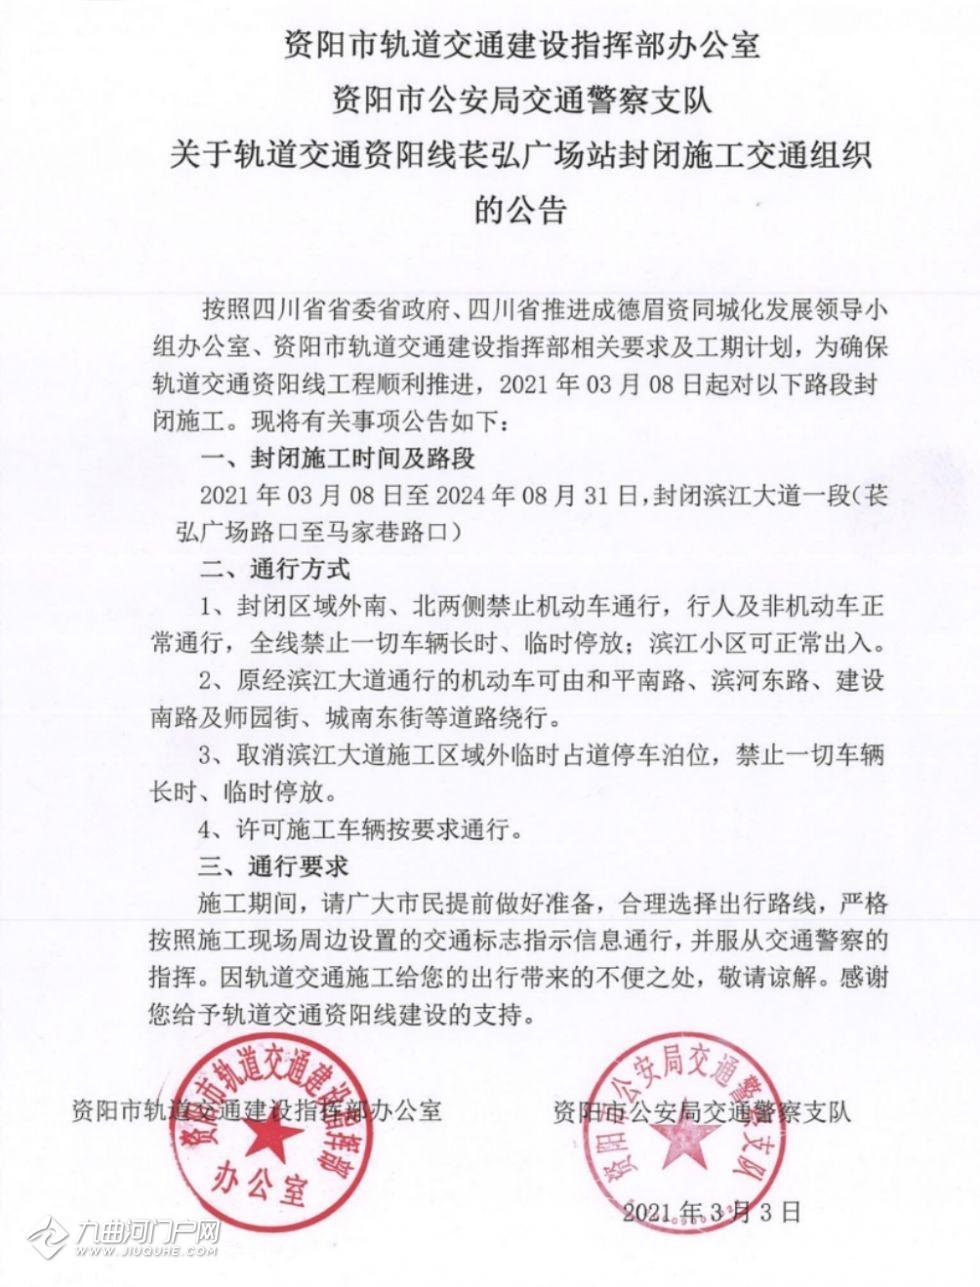 关于轨道交通资阳线苌弘广场站、娇子大道站封闭施工交通组织的公告